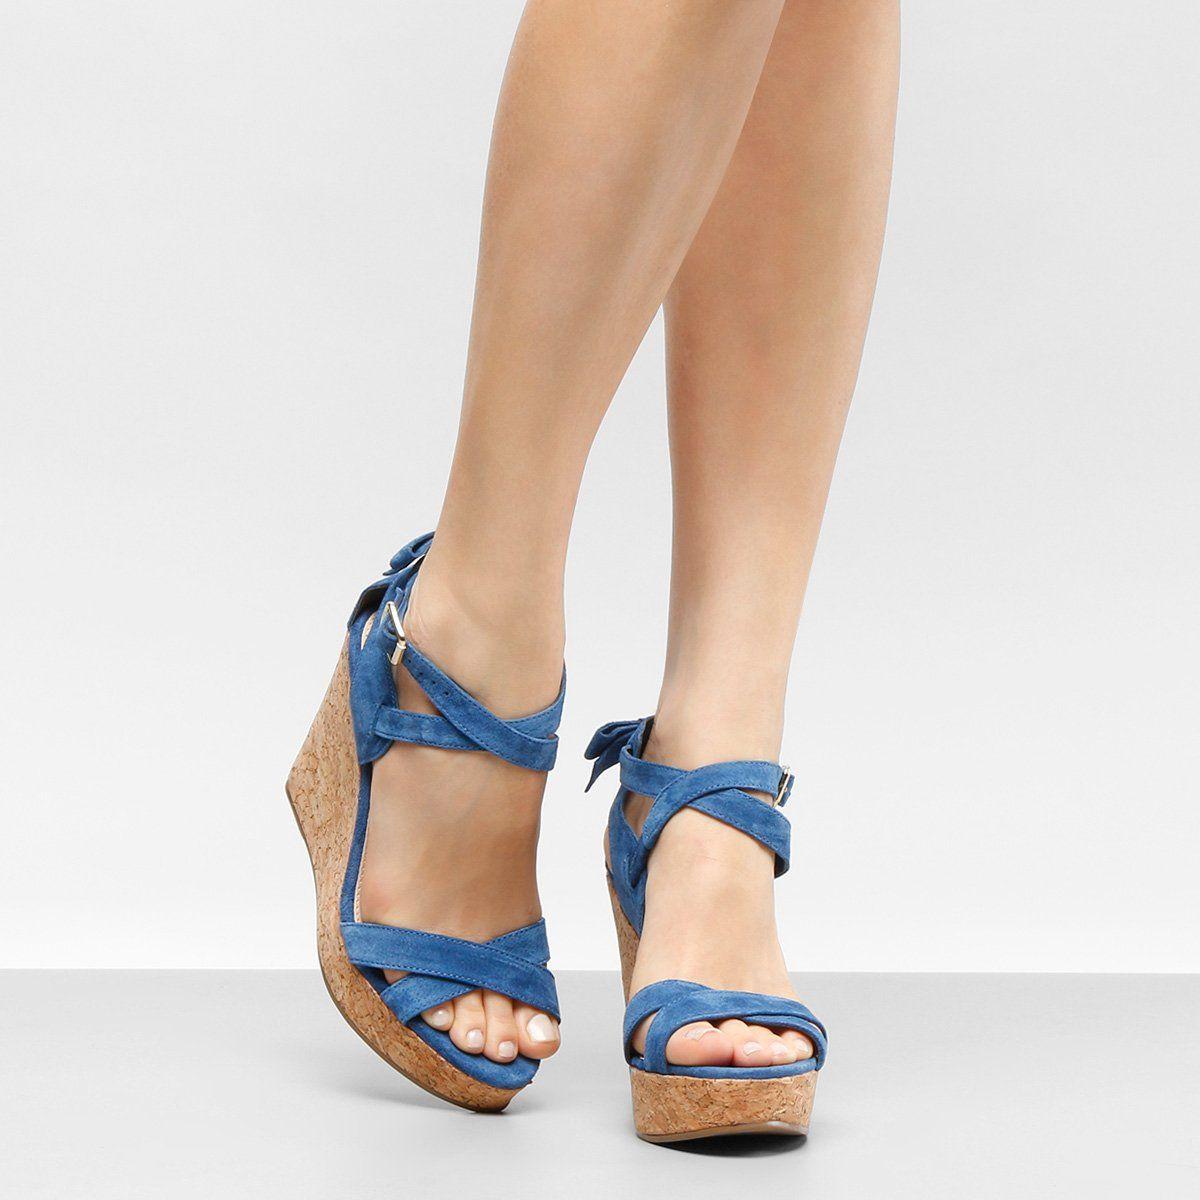 25ff252def Sandália Plataforma Couro Shoestock Laço Feminina - Azul ...